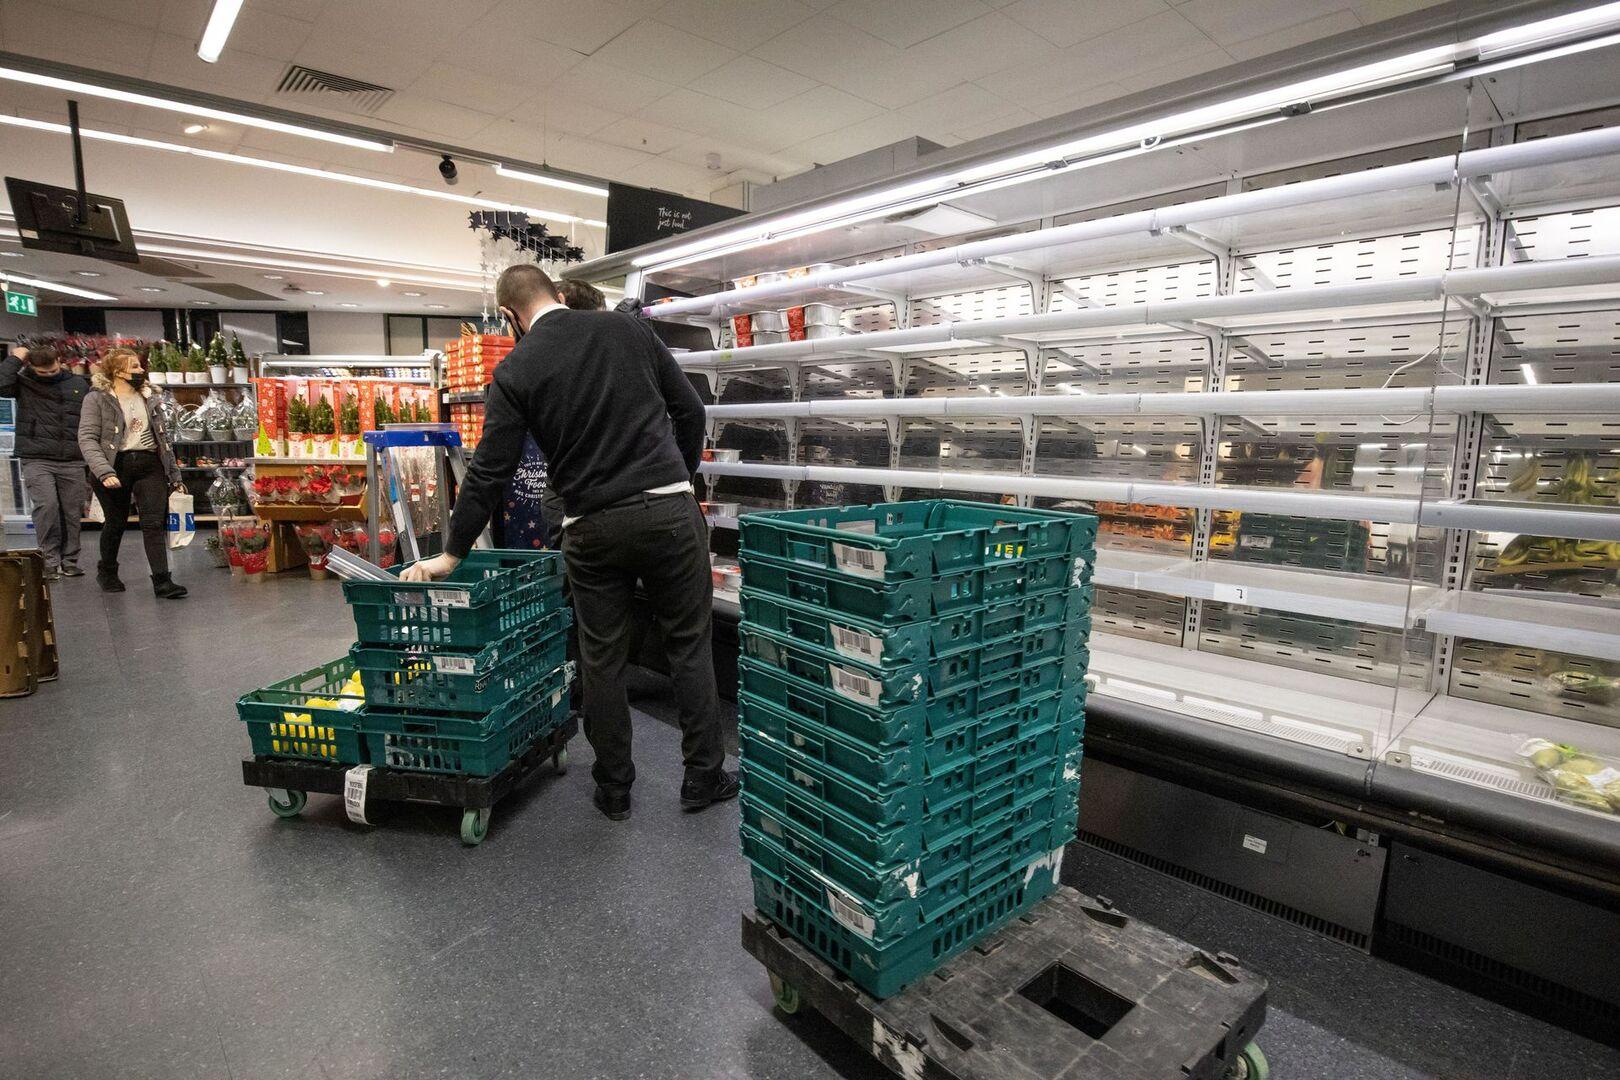 Los supermercados de Reino Unido se ven obligados a racionar alimentos ante  el pánico de los consumidores - Libre Mercado